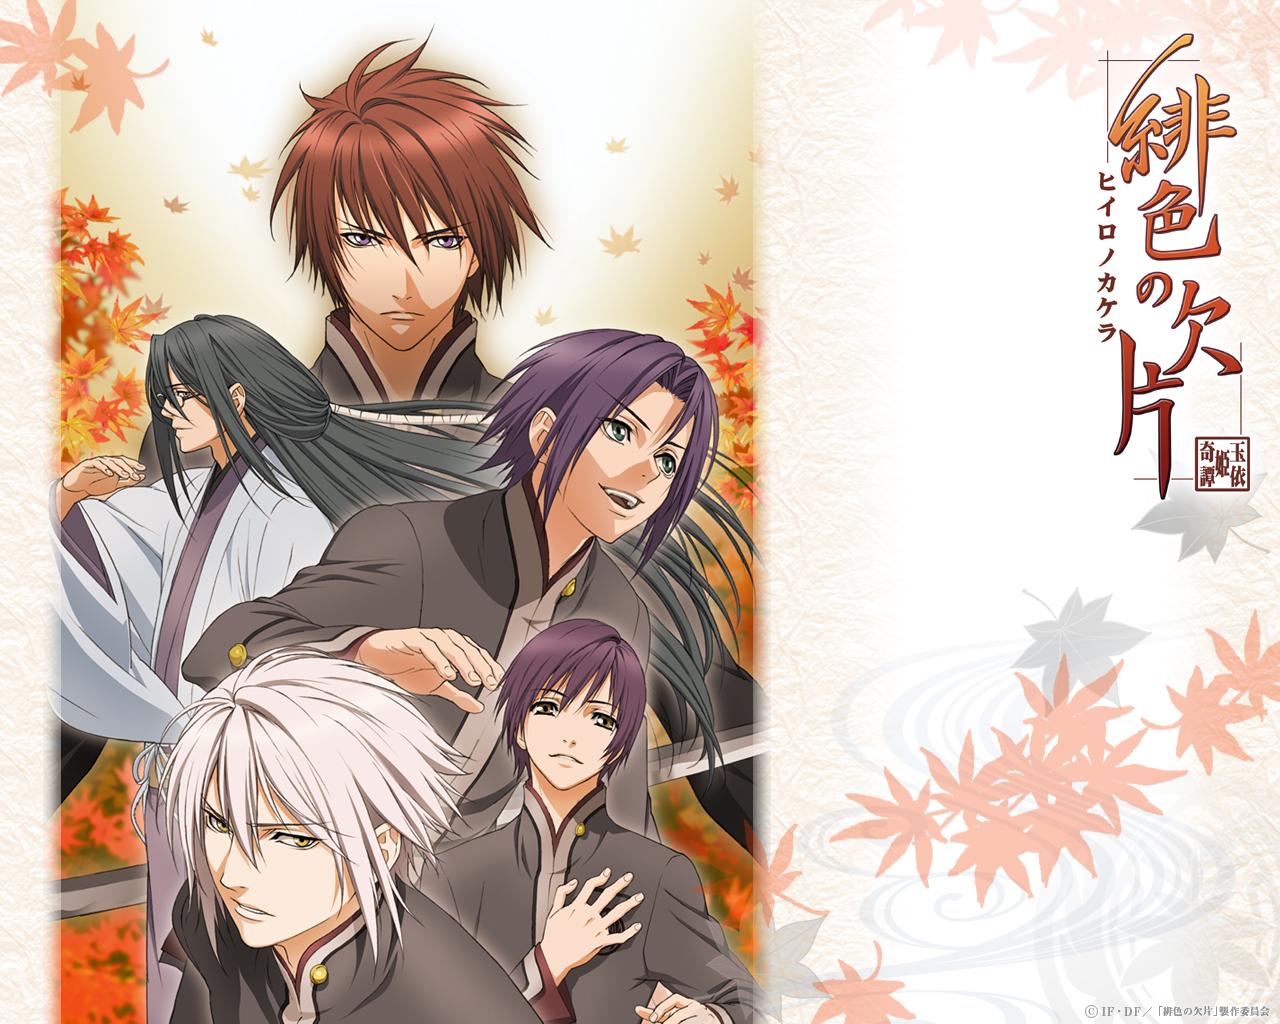 Hiiro no Kakera/#1097007 - Zerochan